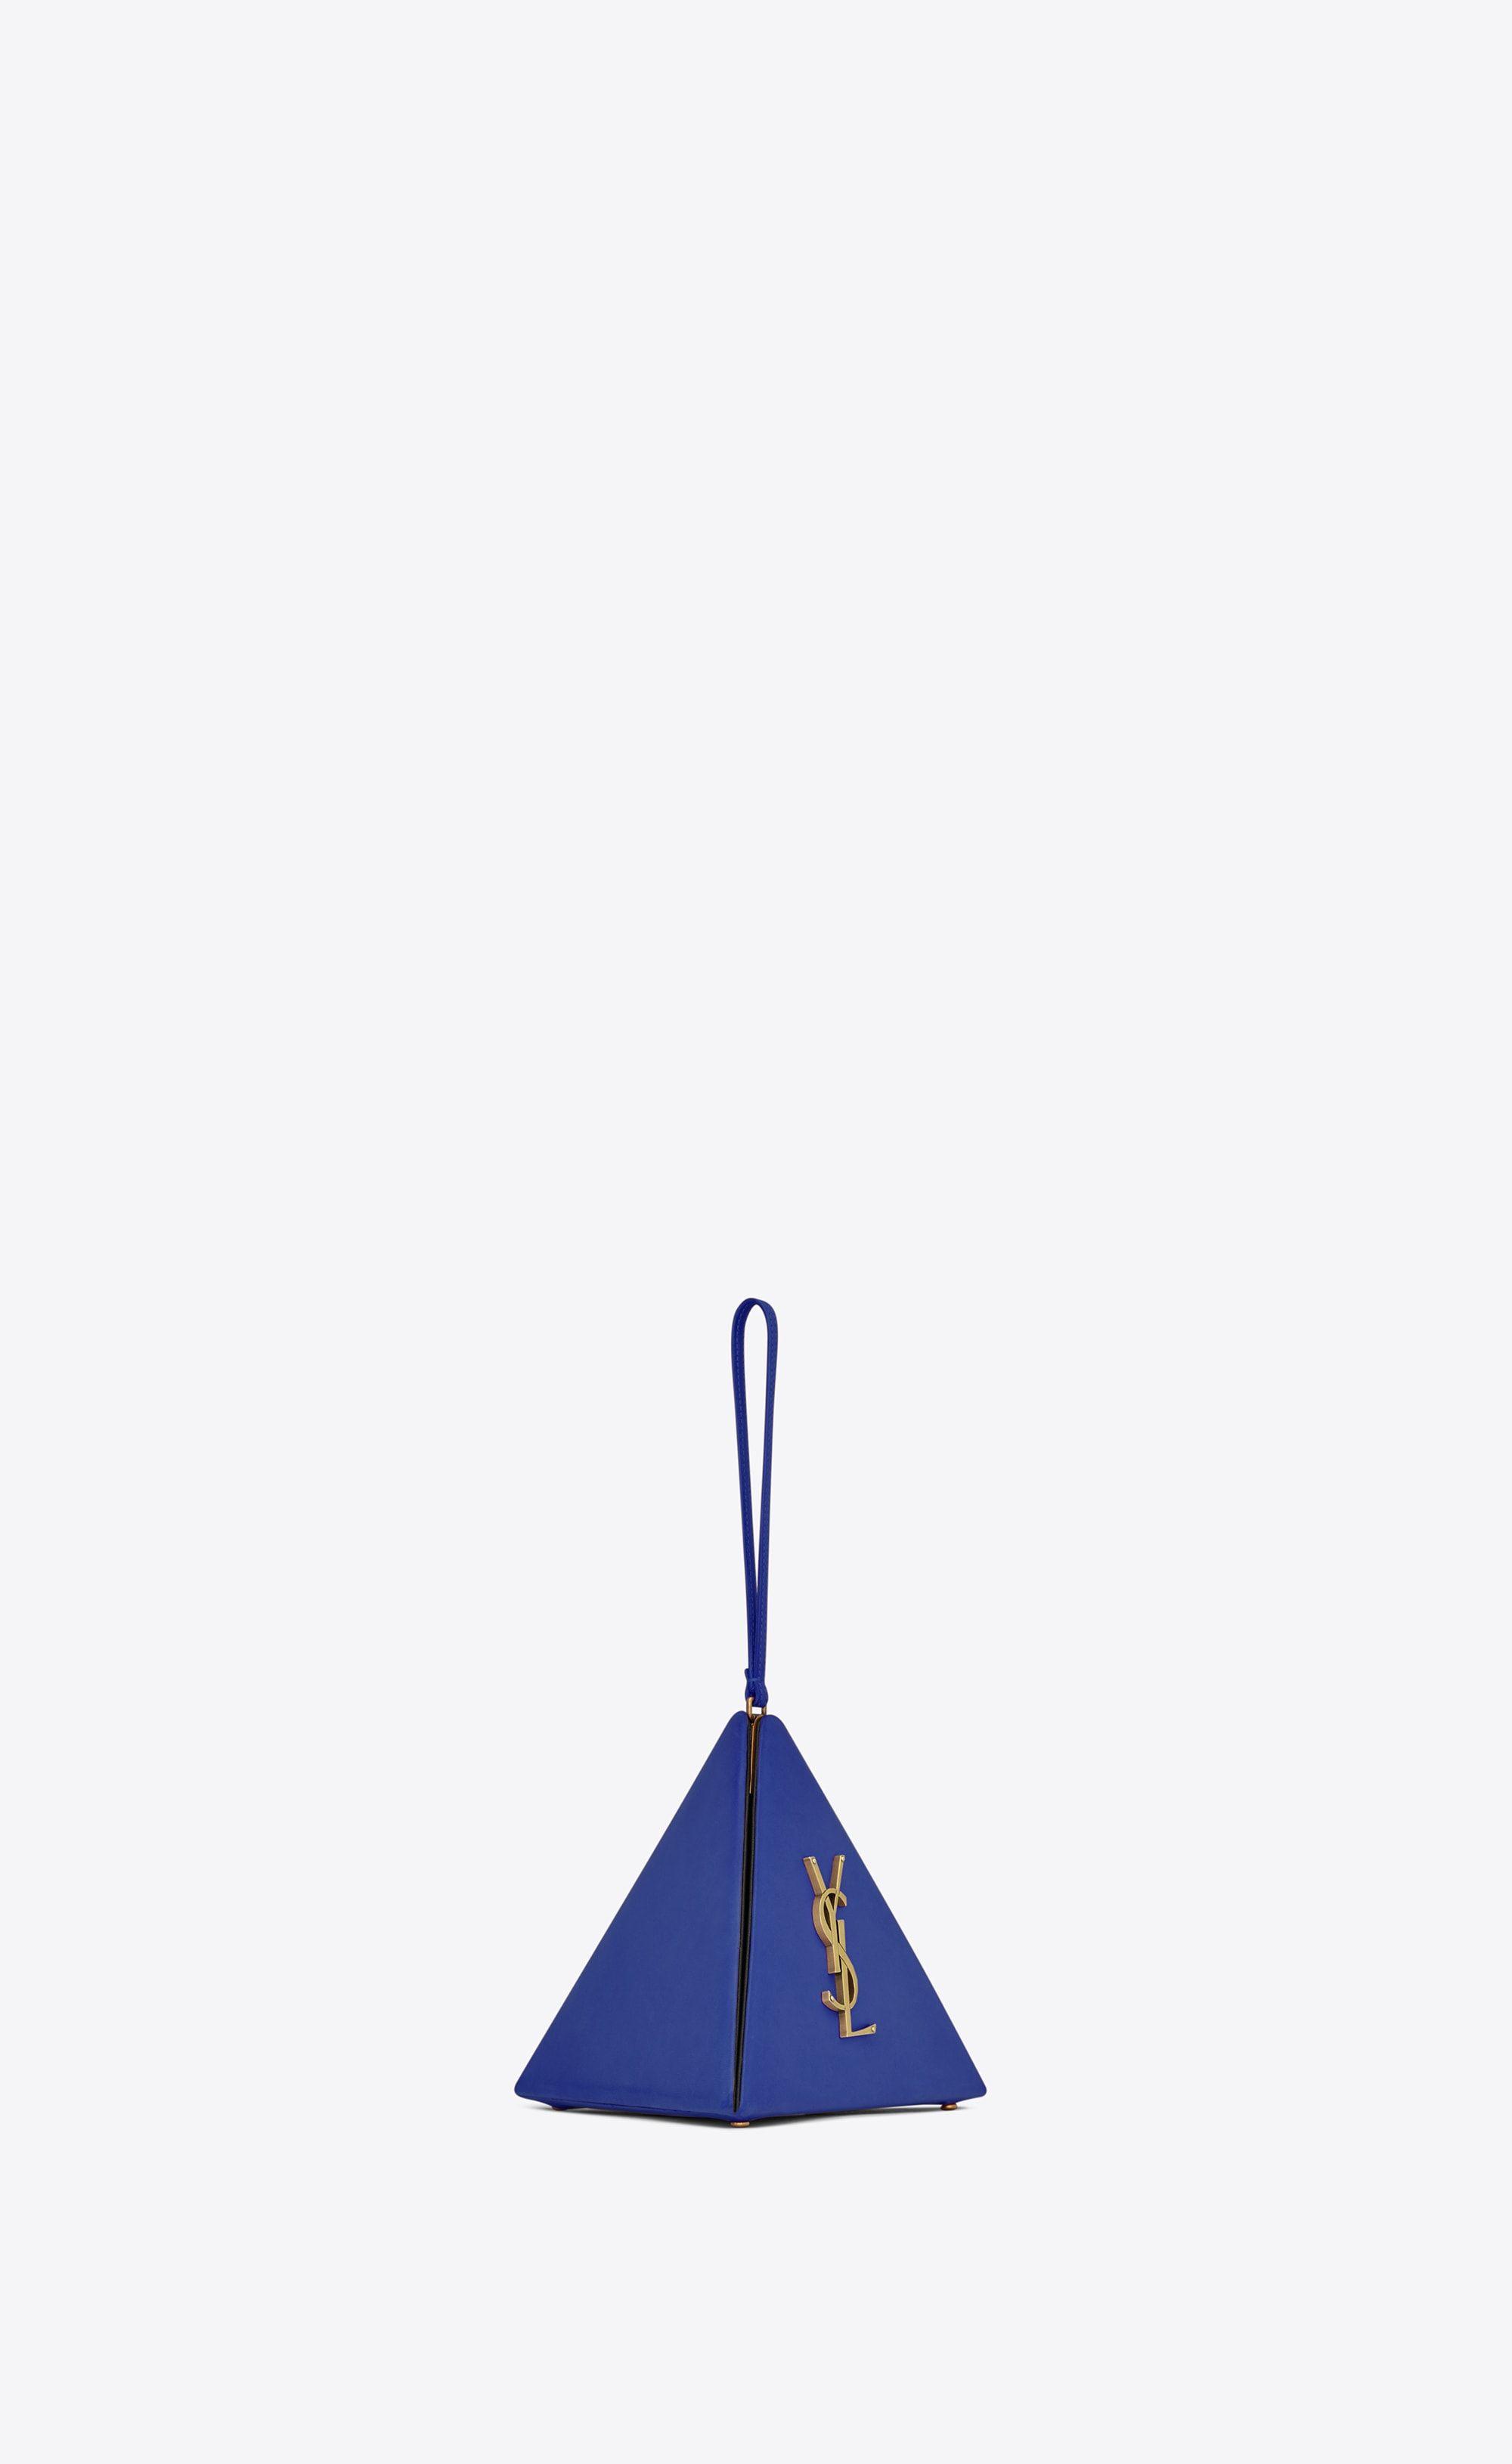 cd0a0b1adf Saint Laurent - Pyramid box in purple blue lambskin ($1,450 ...